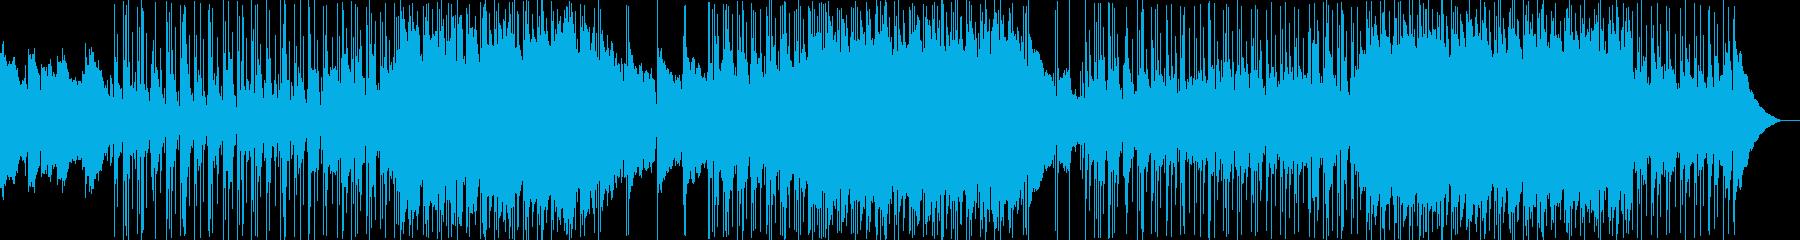 ポップソフトポップ/ロックインスト...の再生済みの波形